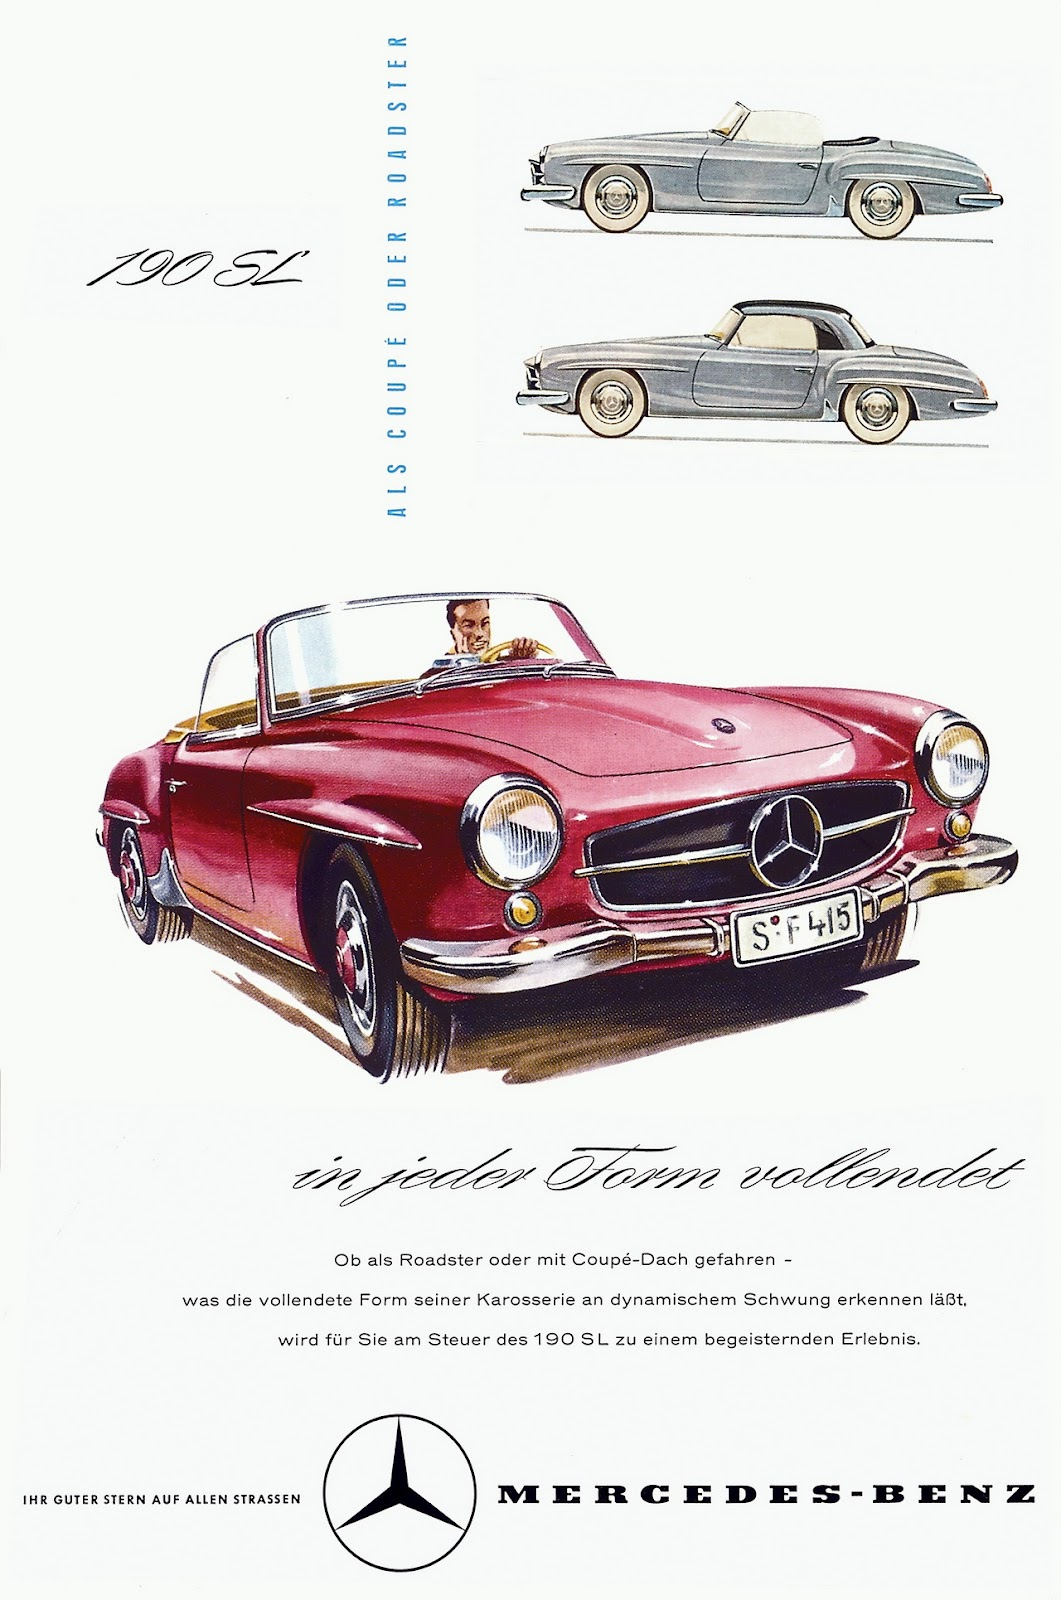 Mercedes benz 280sl car vehicl wrap mercedes benz merced pagoda - Mercedes Benz 280sl Car Vehicl Wrap Mercedes Benz Merced Pagoda 34